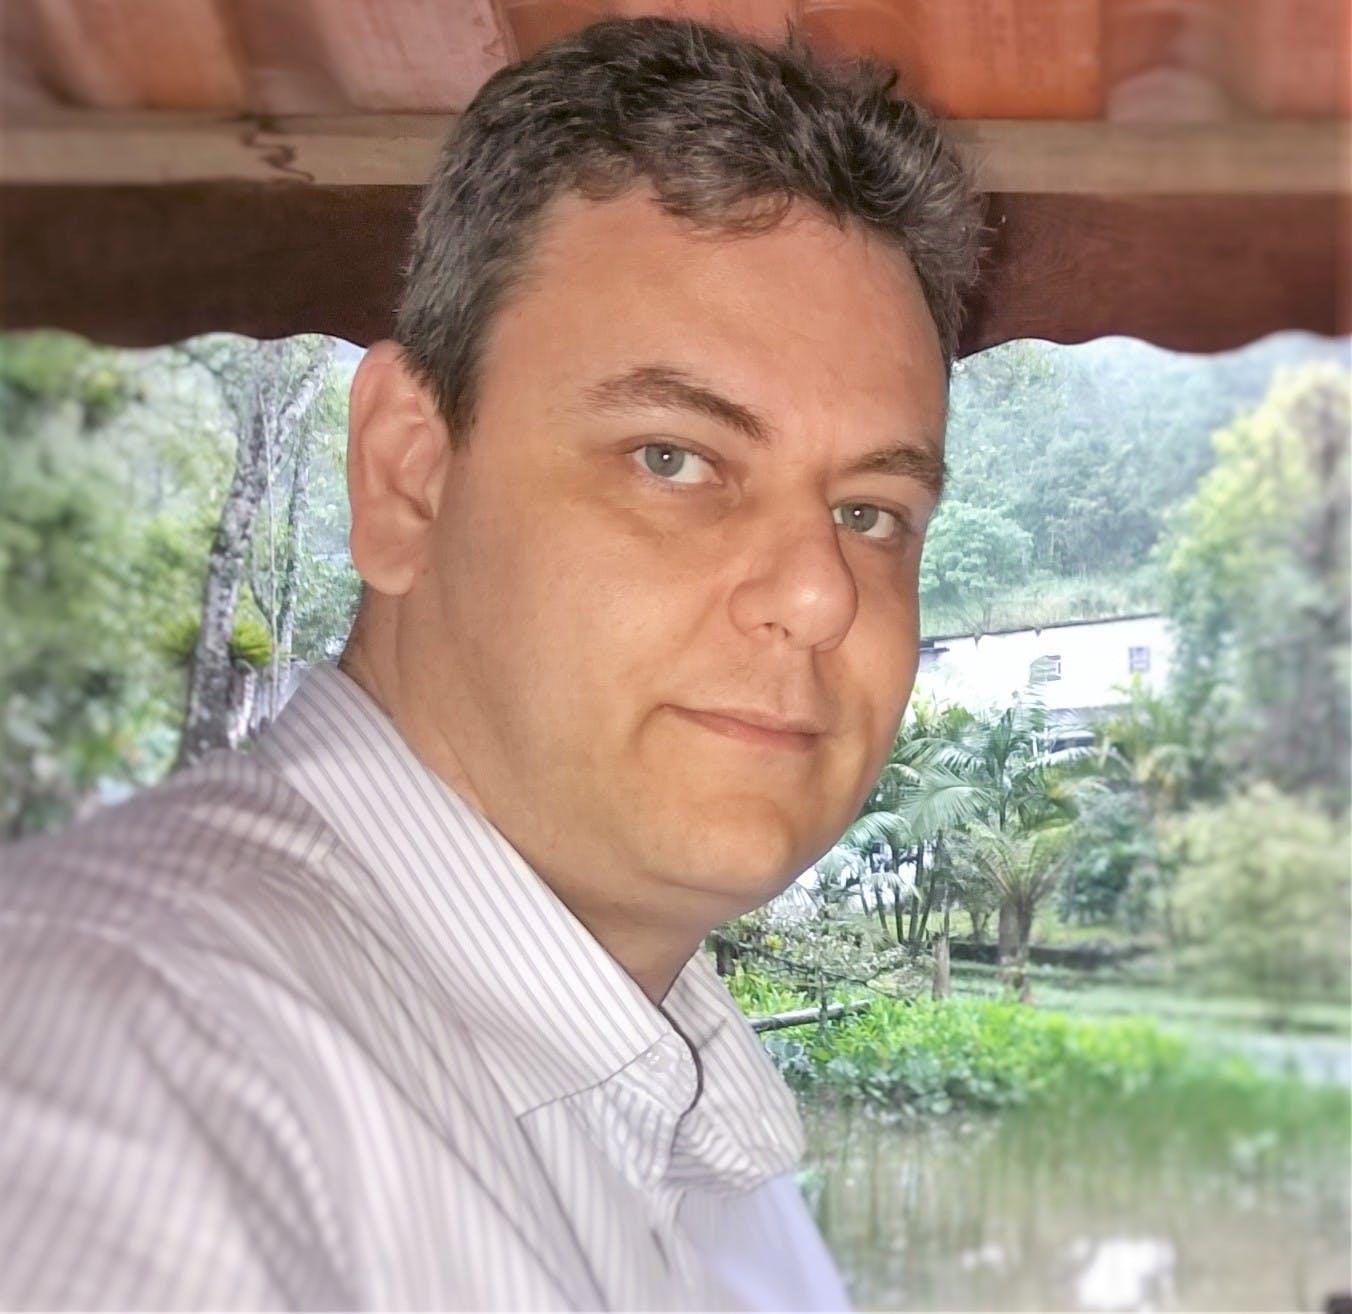 Ricardo César de Carvalho